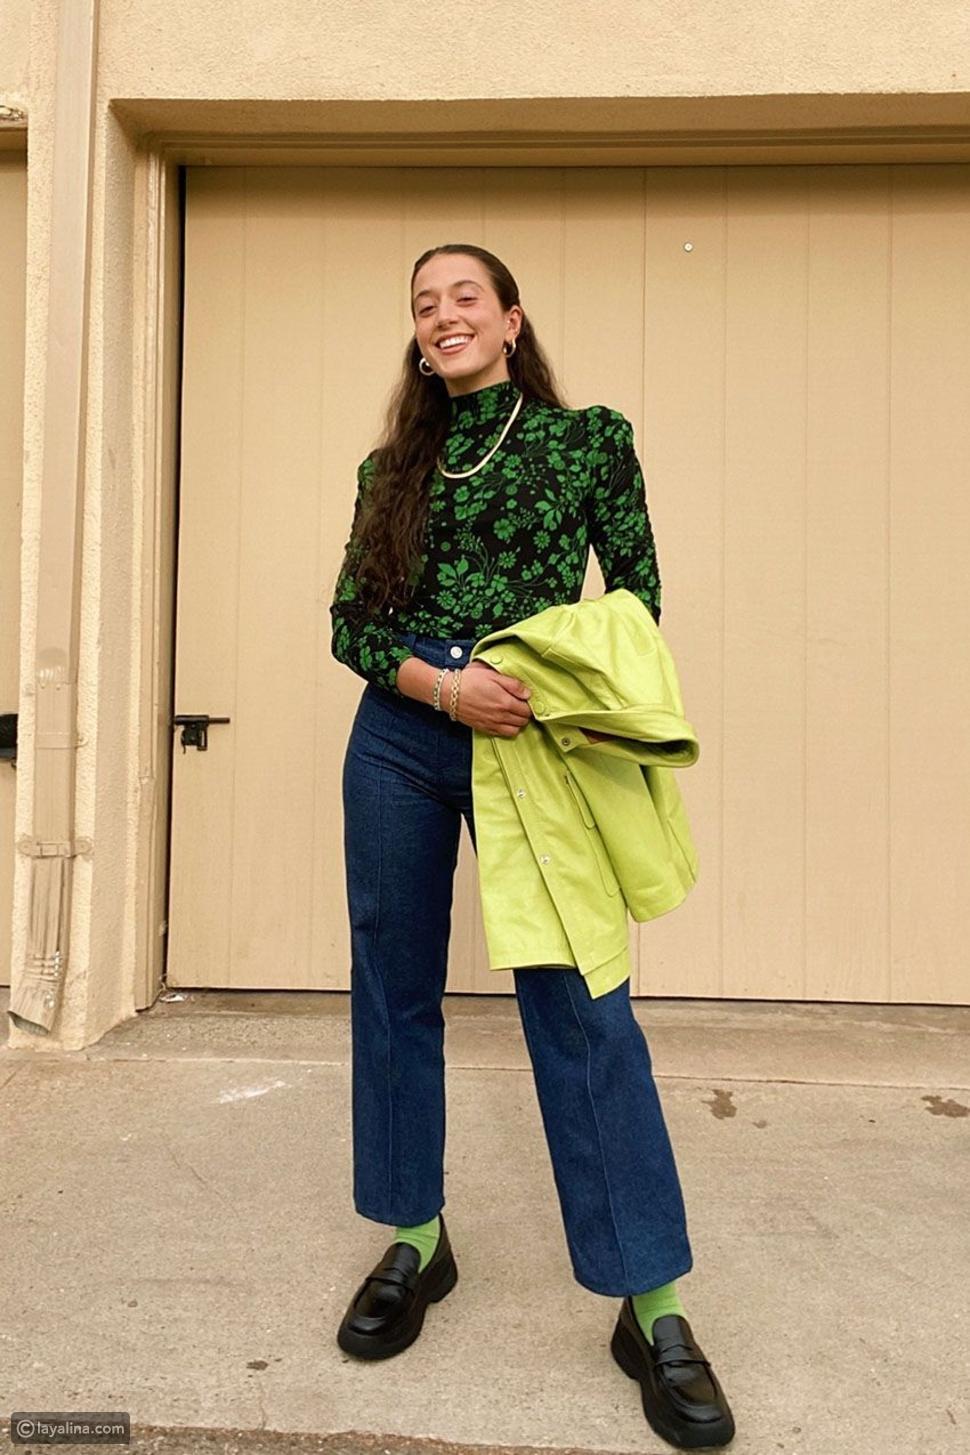 بلوزة هاي كول ملونة معالجينز والجوارب وحذاء لوفر